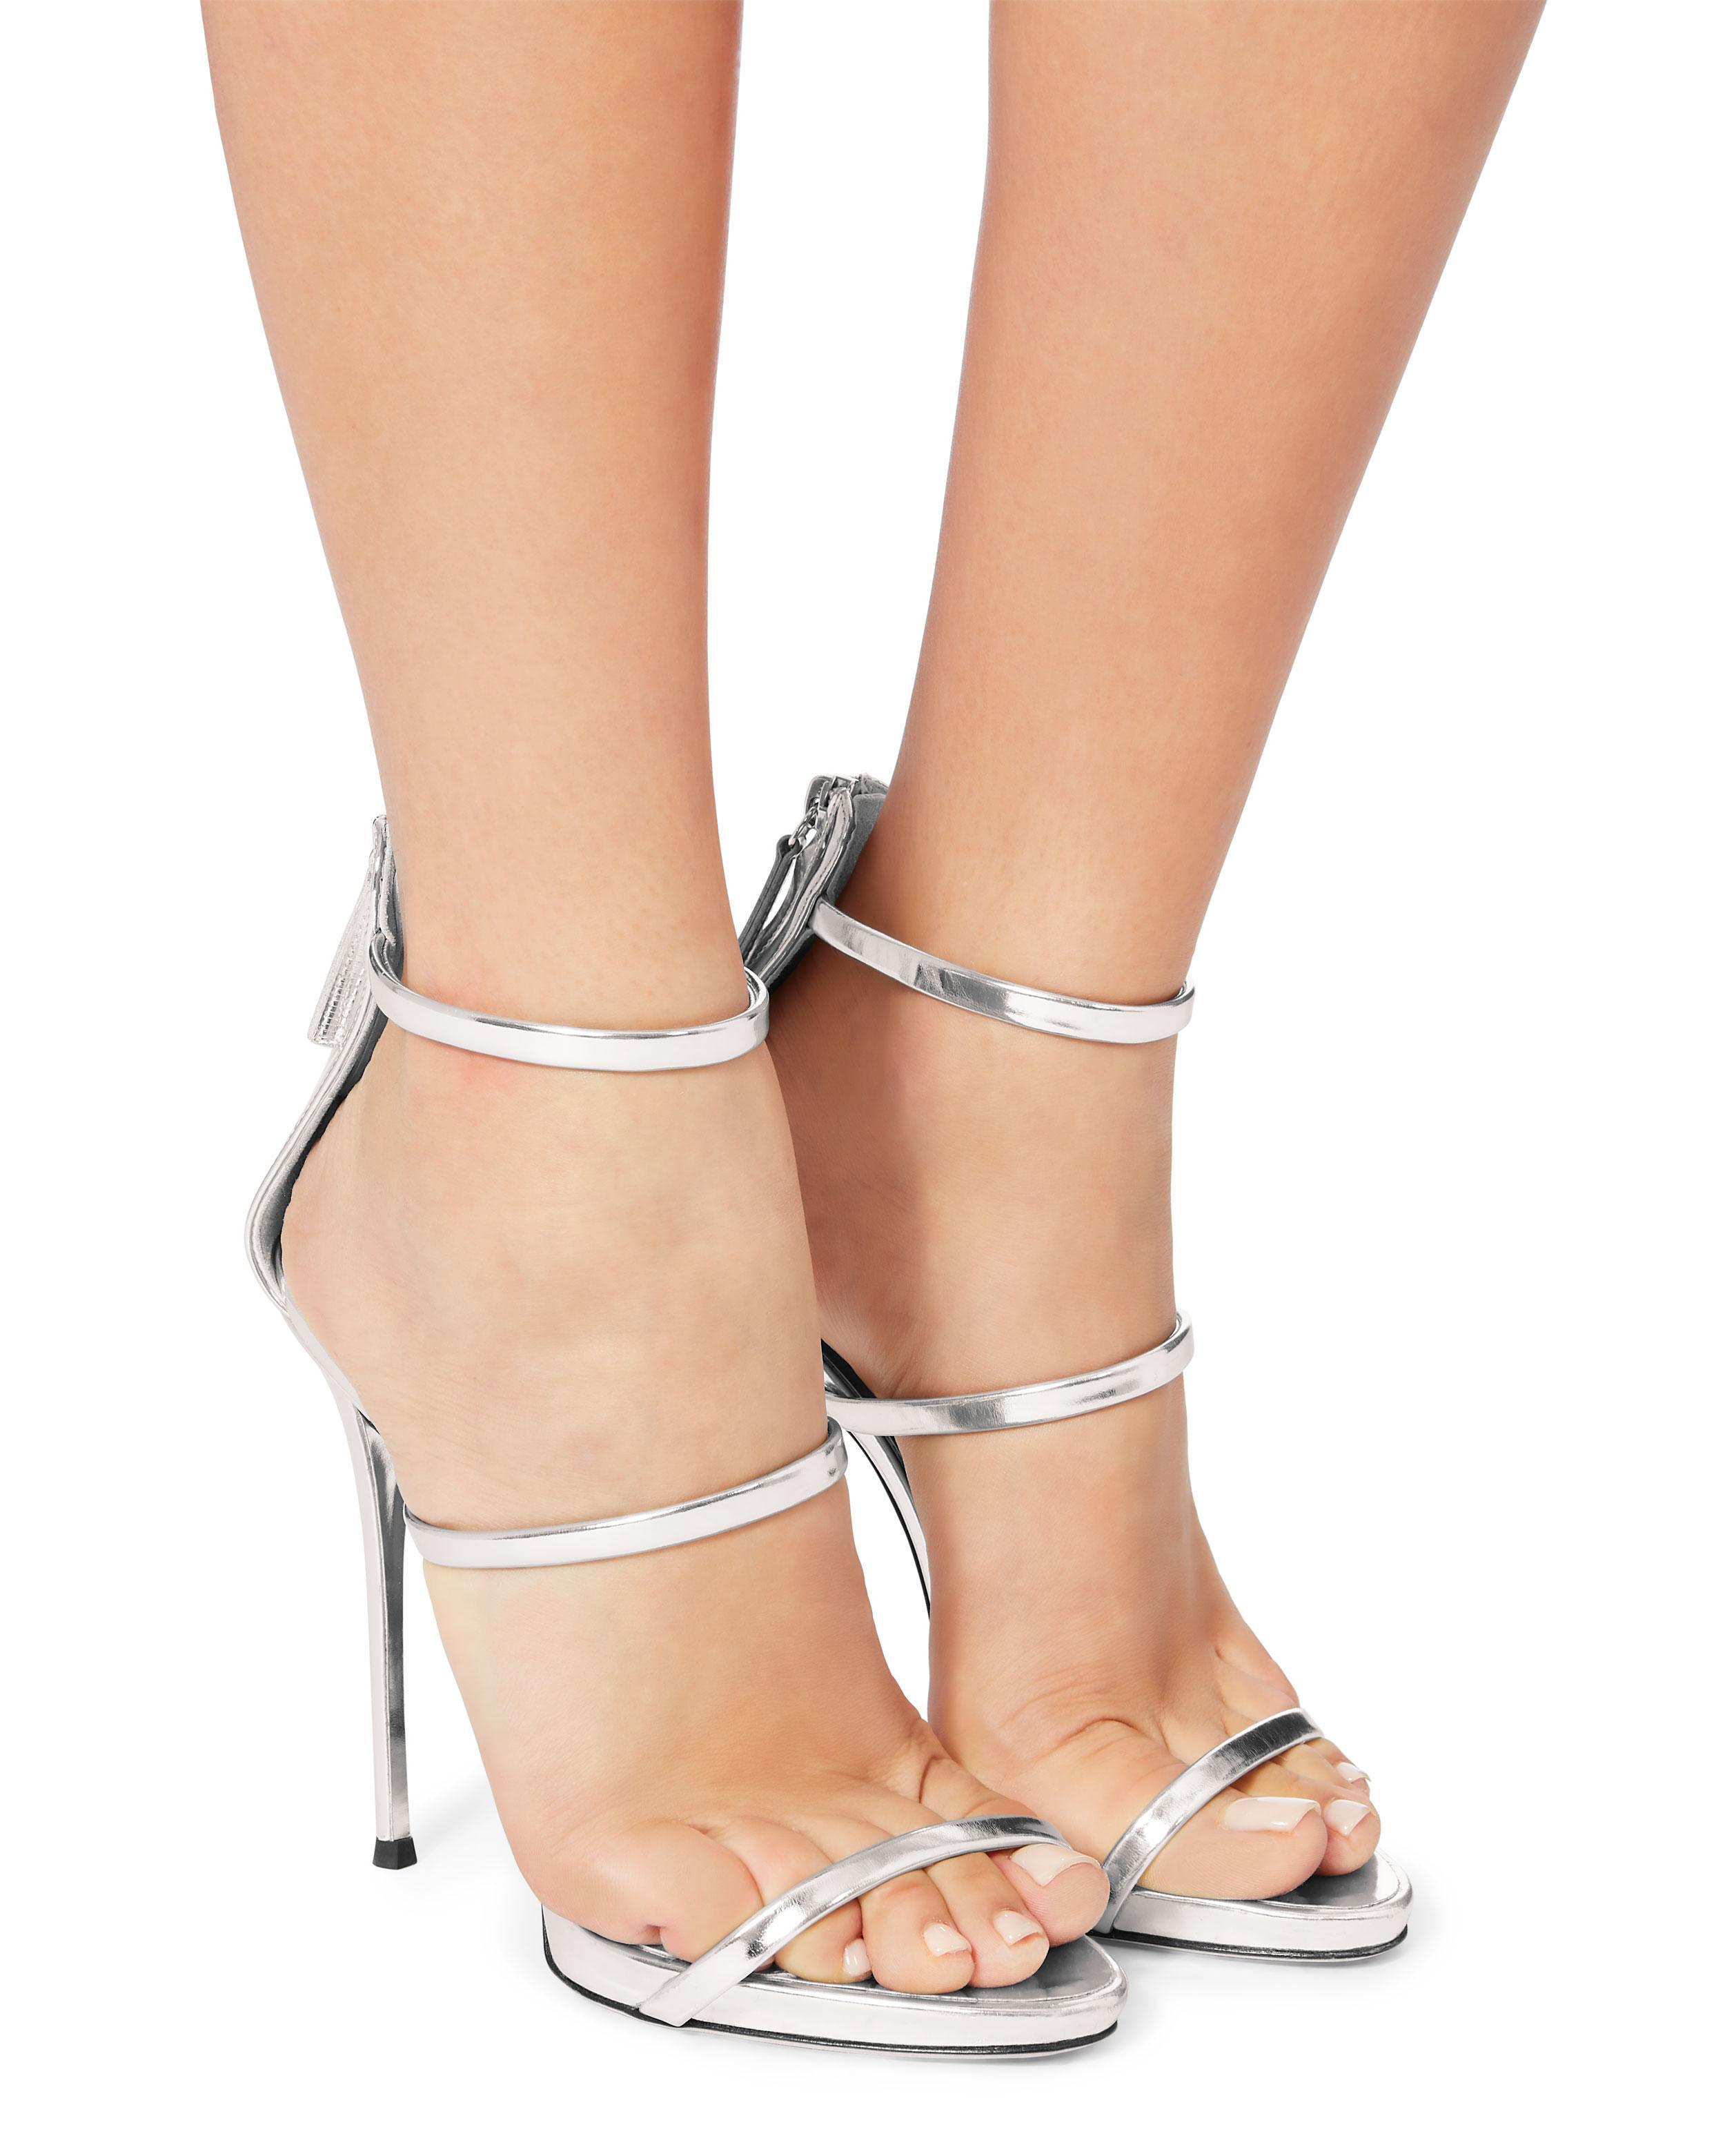 a23bd8e3a62 Lyst - Giuseppe Zanotti Coline Silver Strappy Sandals in Metallic - Save 57%